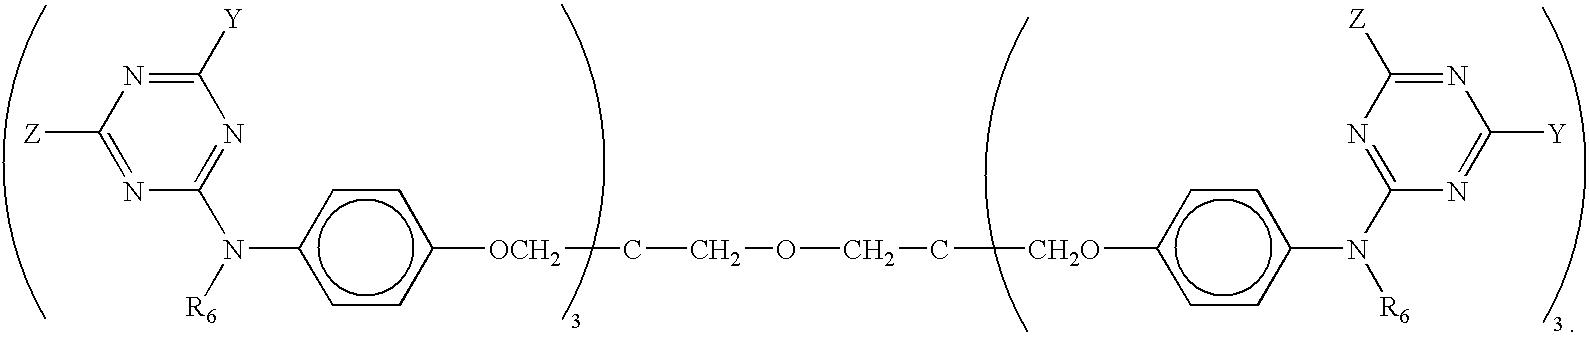 Figure US07087752-20060808-C00191